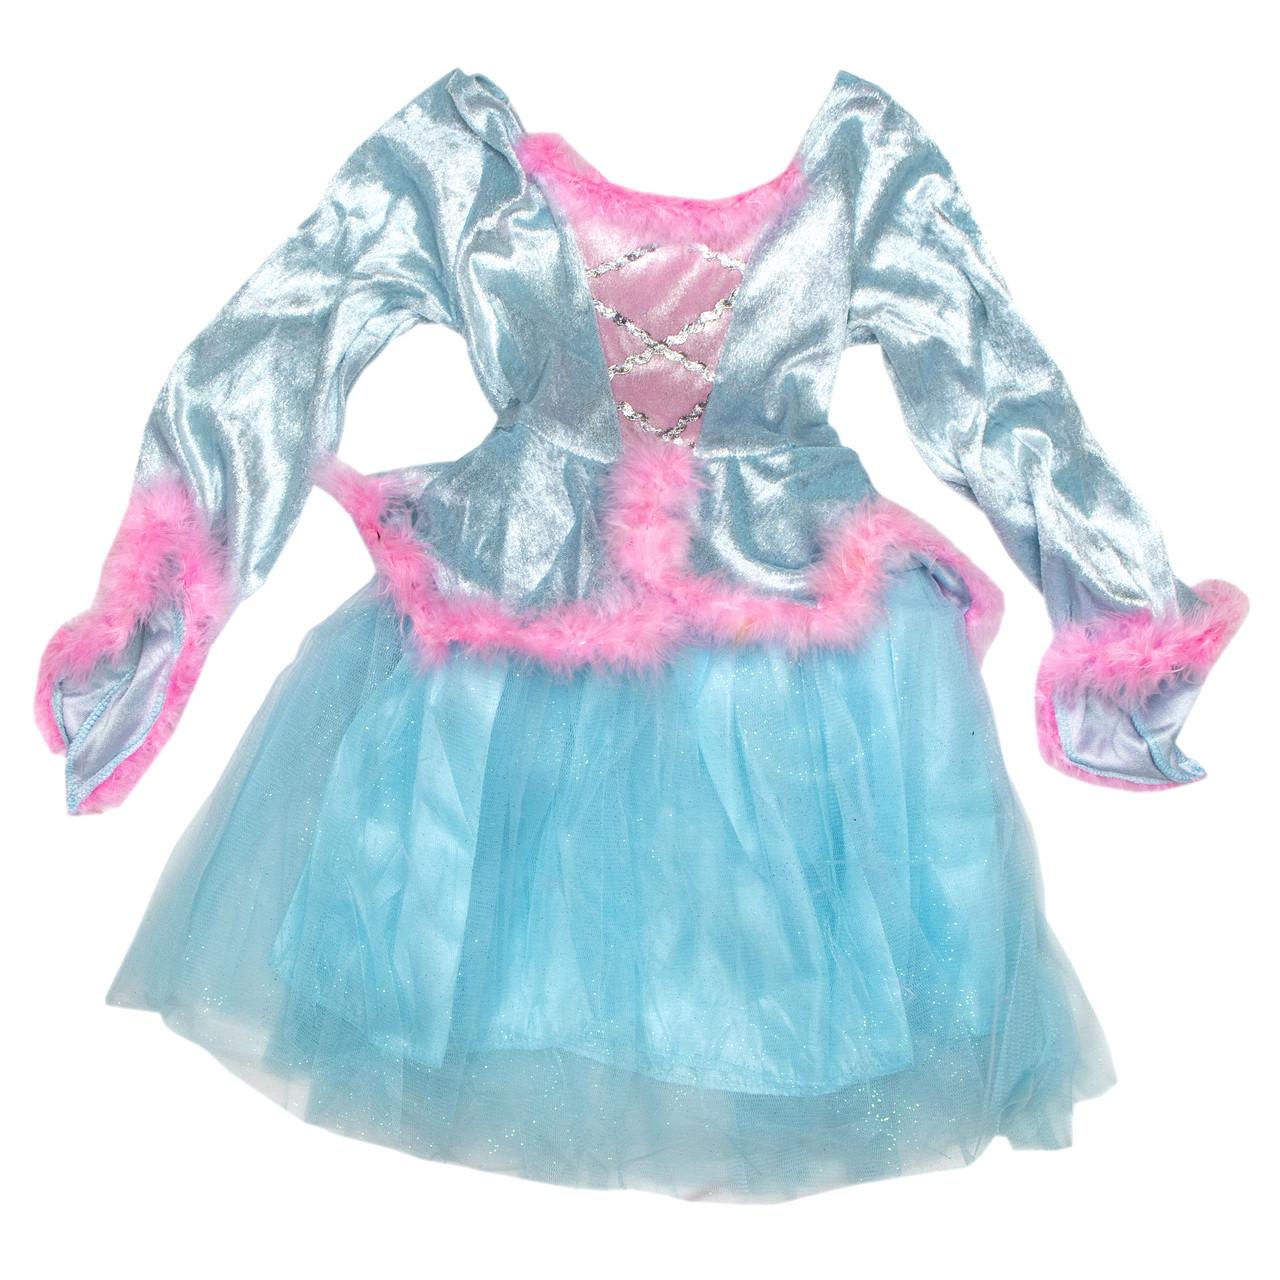 Карнавальный костюм для девочки, размер 115см, арт. 460427-2